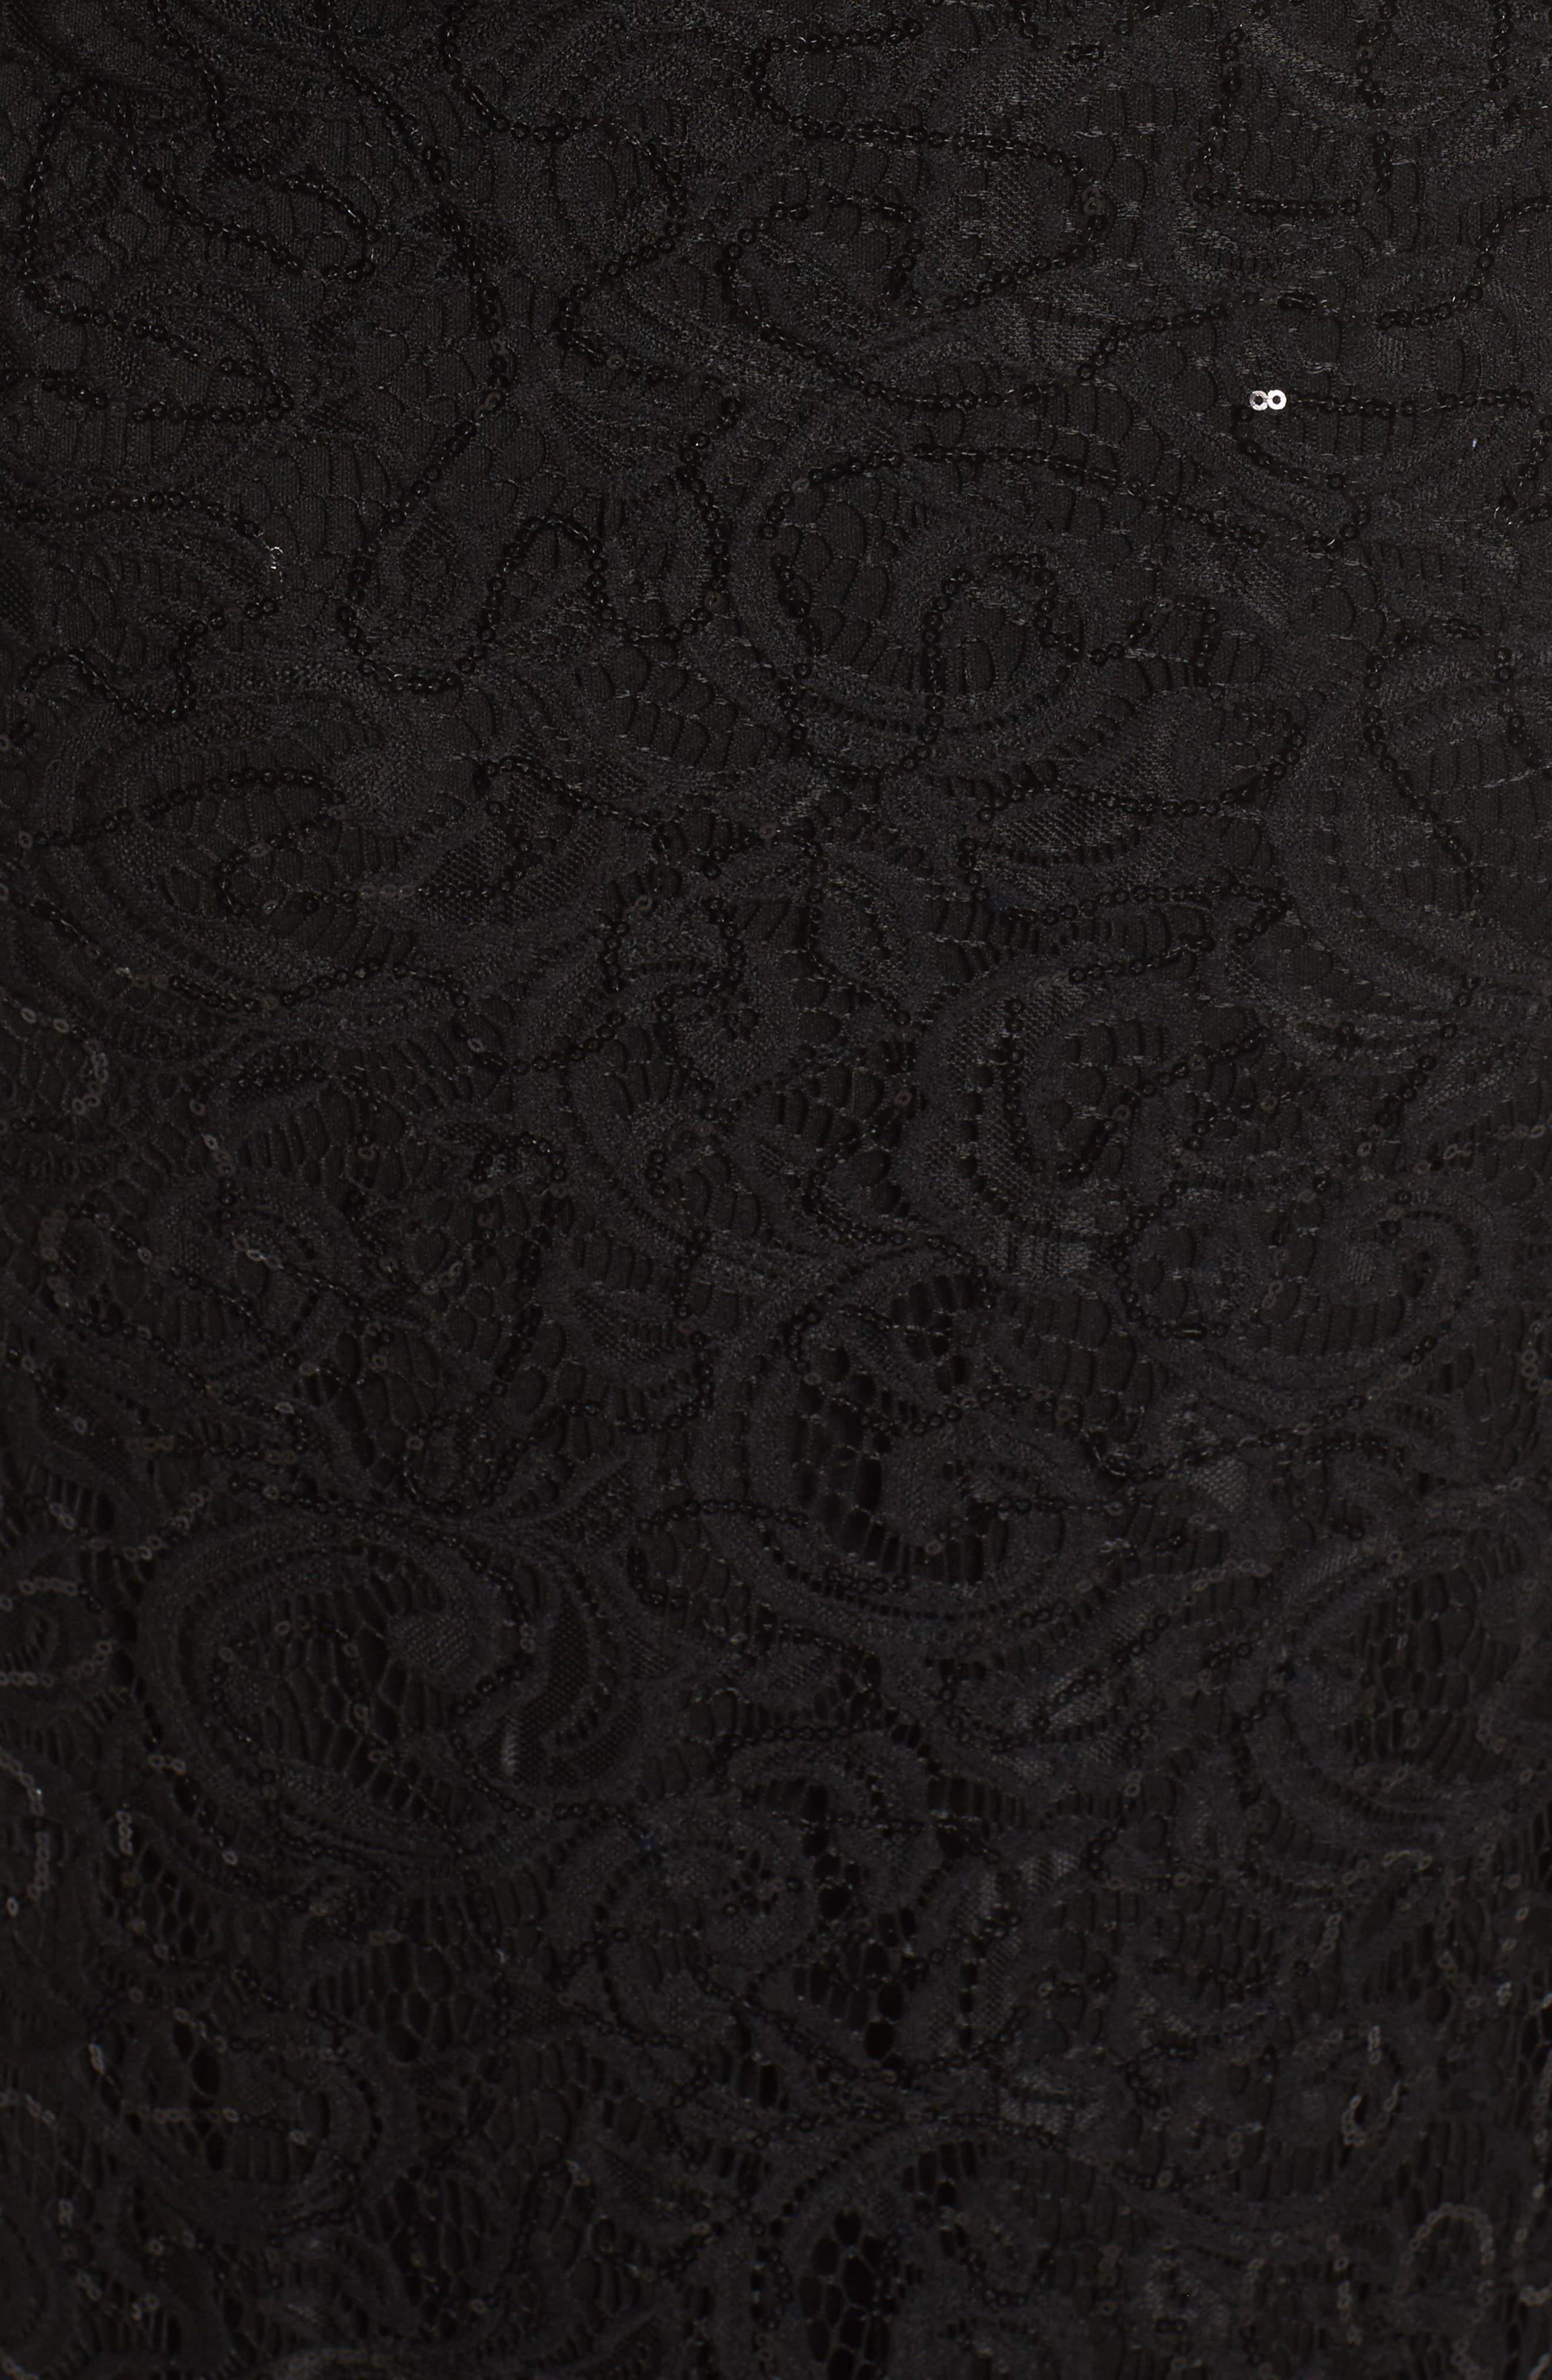 Capelet Sequin Lace A-Line Gown,                             Alternate thumbnail 5, color,                             Black